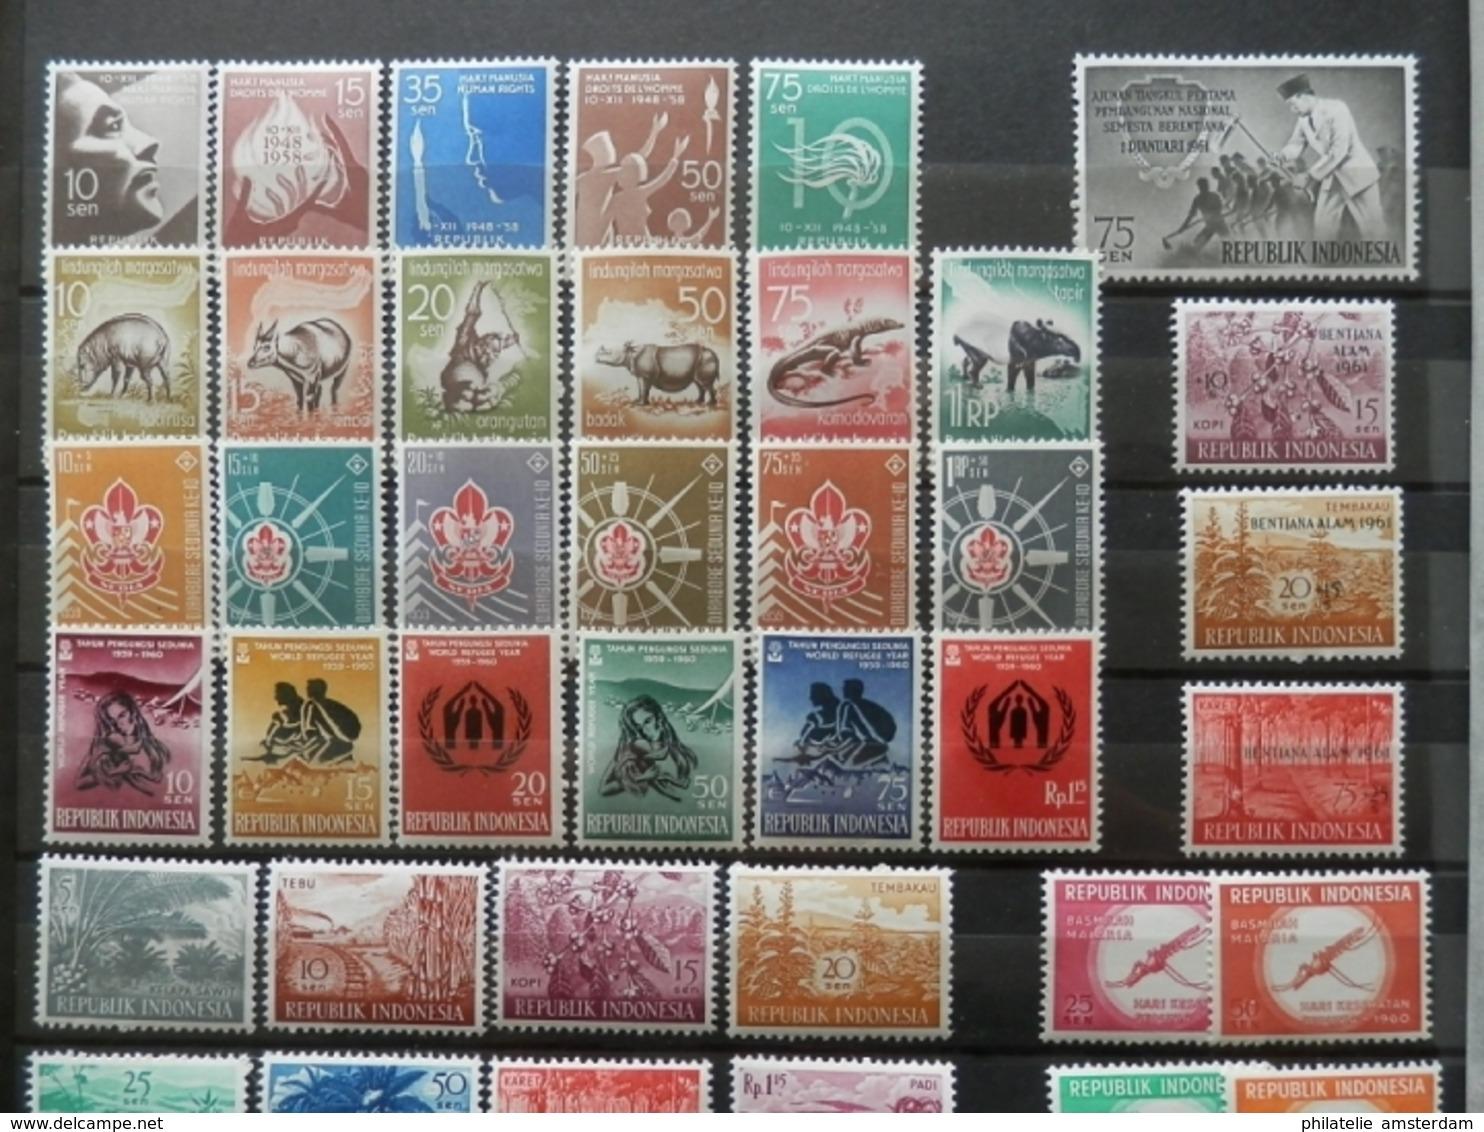 Dutch Antilles, Dutch New Guinea, Surinam, Indonesia - In Stockbook - Postzegels